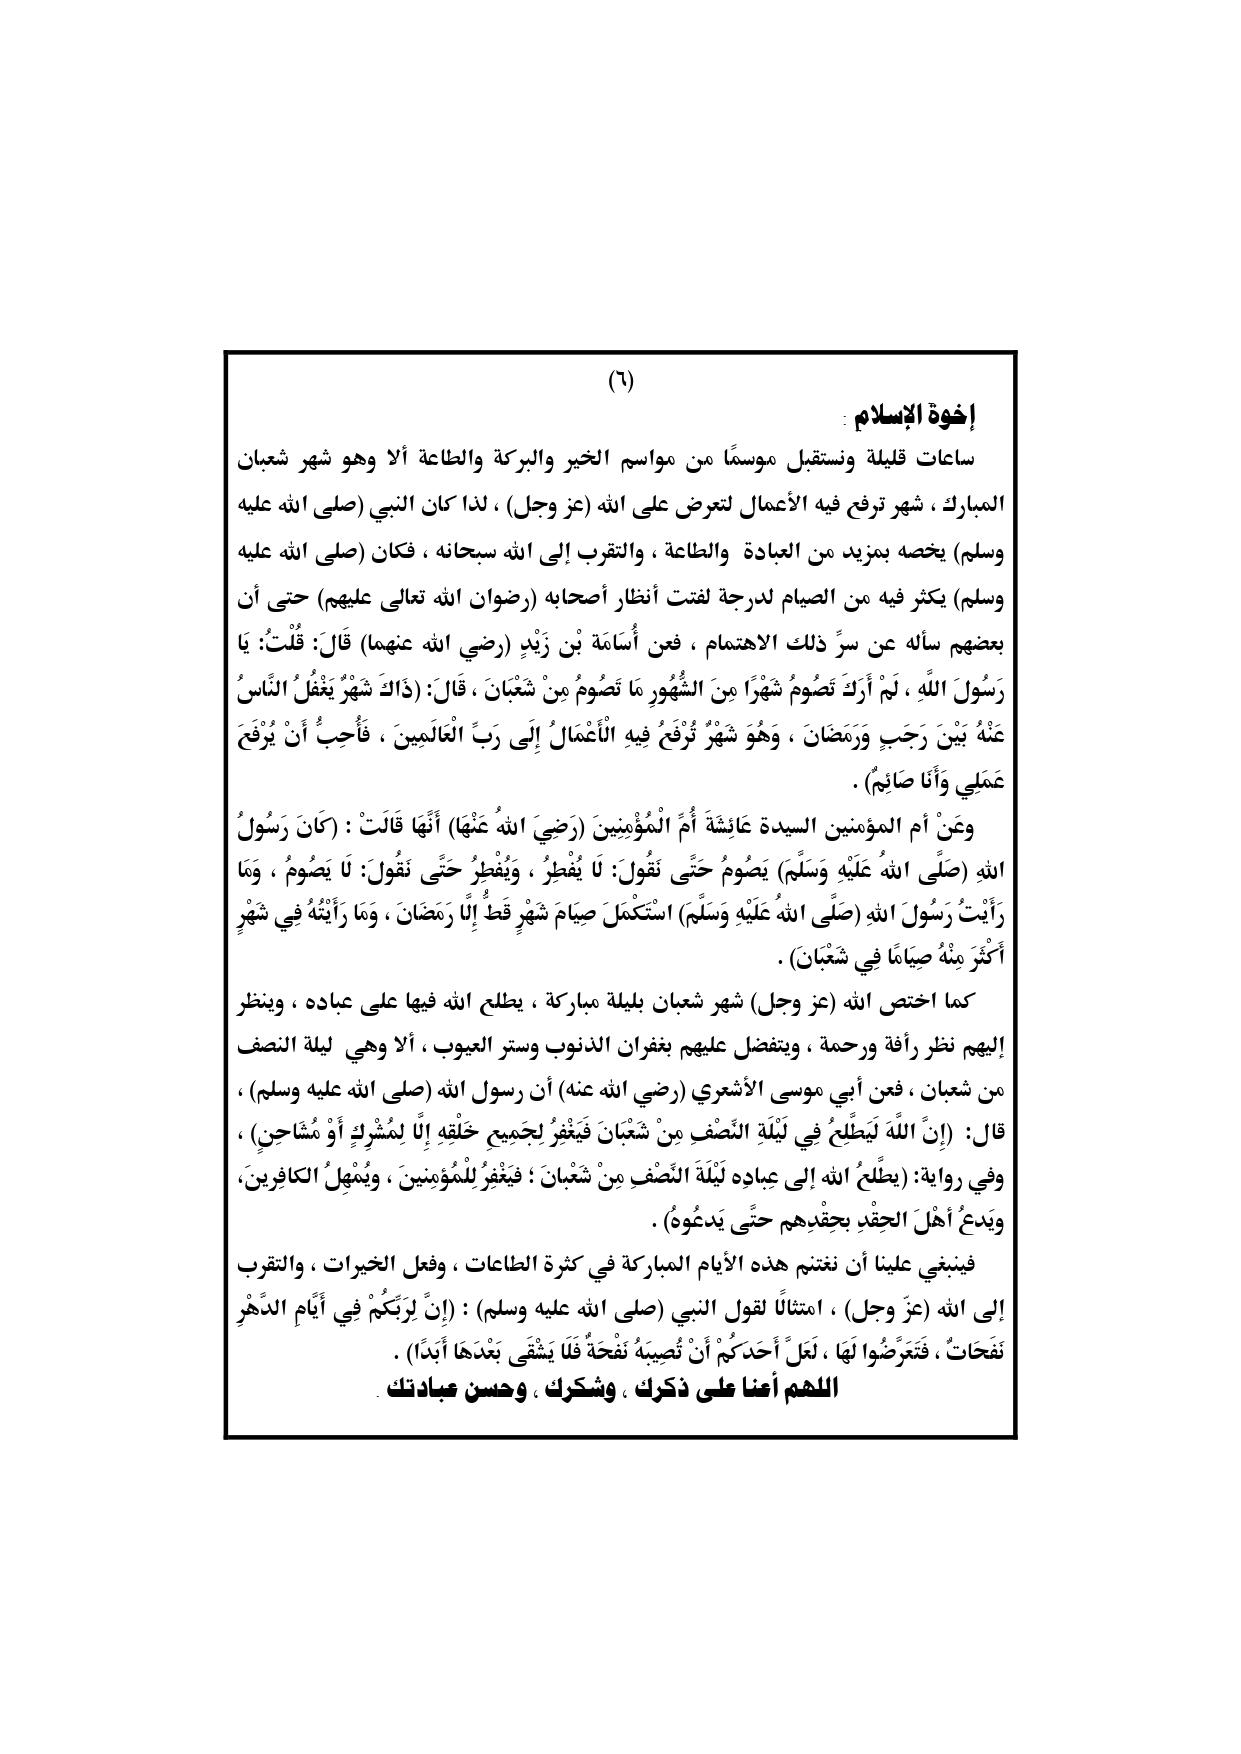 خطبة الجمعة القادمة لوزارة الأوقاف المصرية 5/4/2019 ، فضل شهر شعبان ، المسئولية ، خطبة الجمعة القادمة